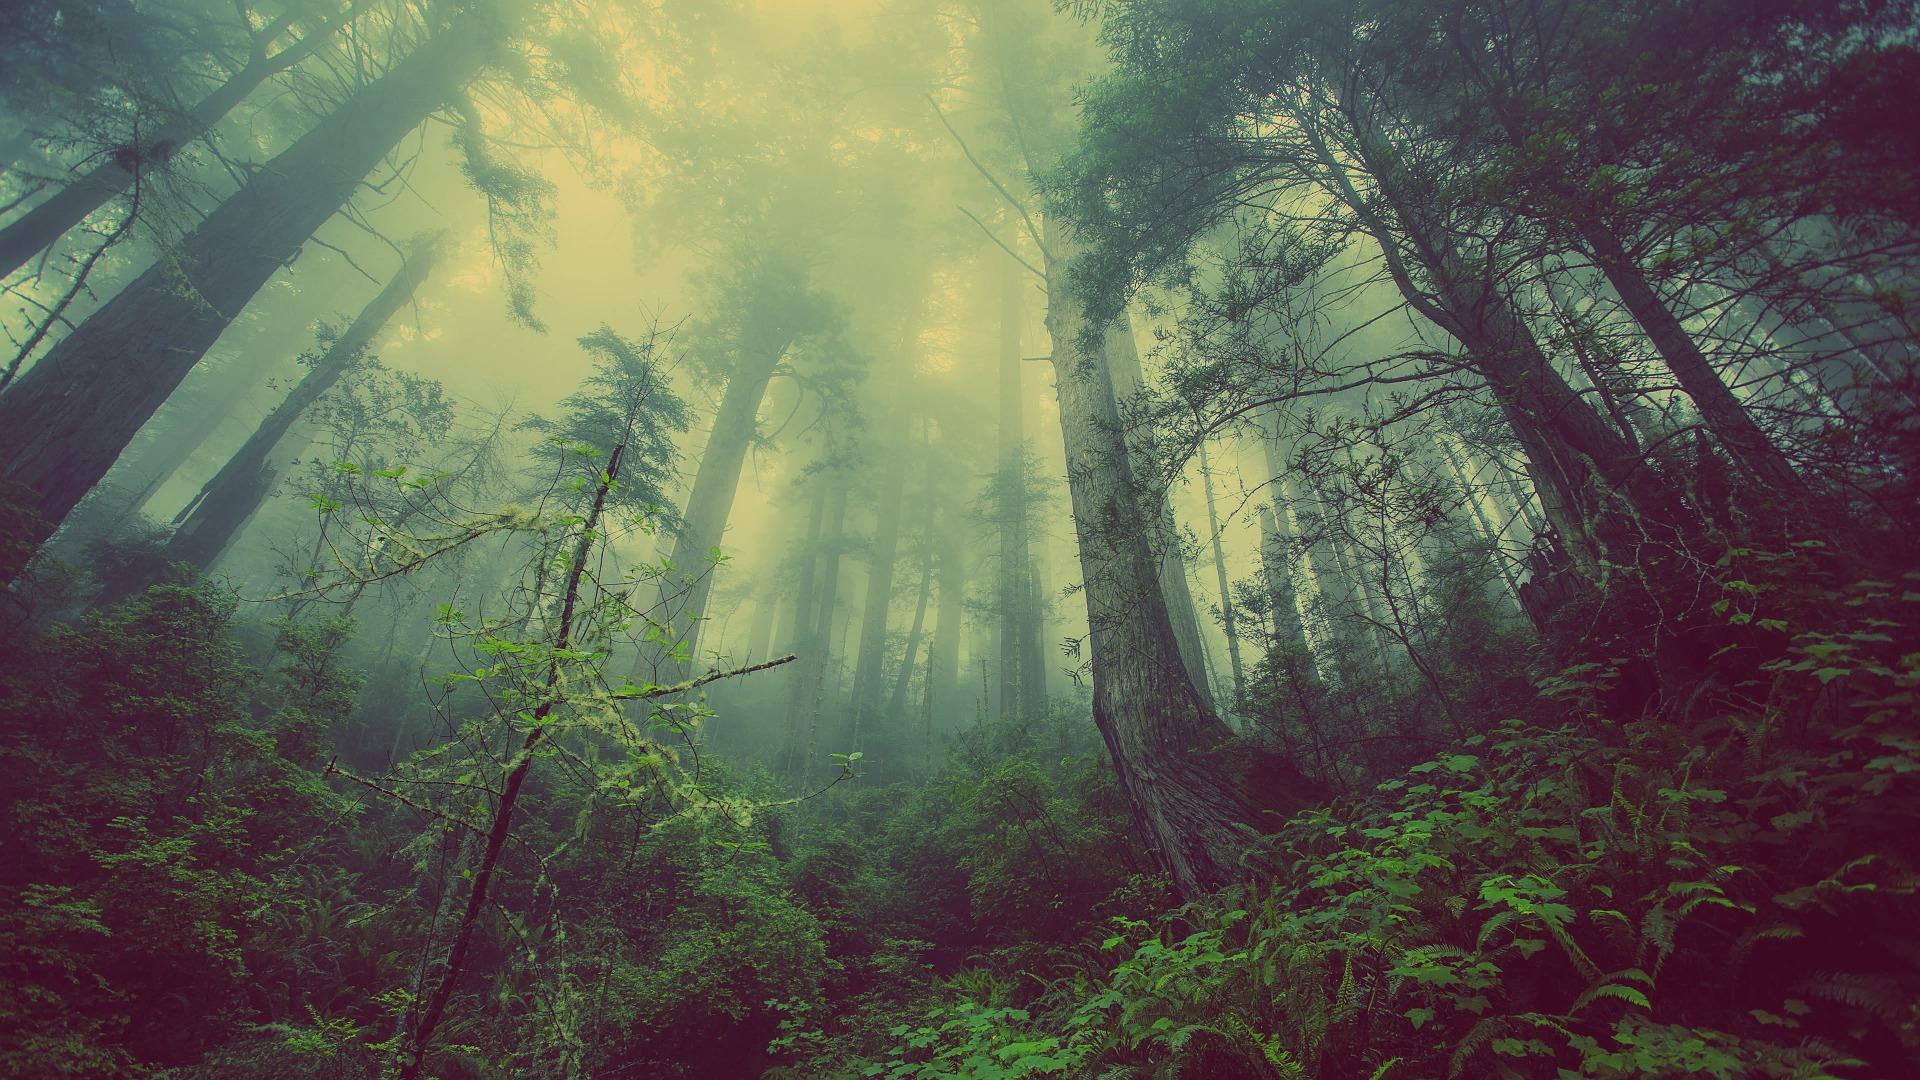 El Día Mundial del Árbol hace reflexionar sobre la explotación forestal sostenible